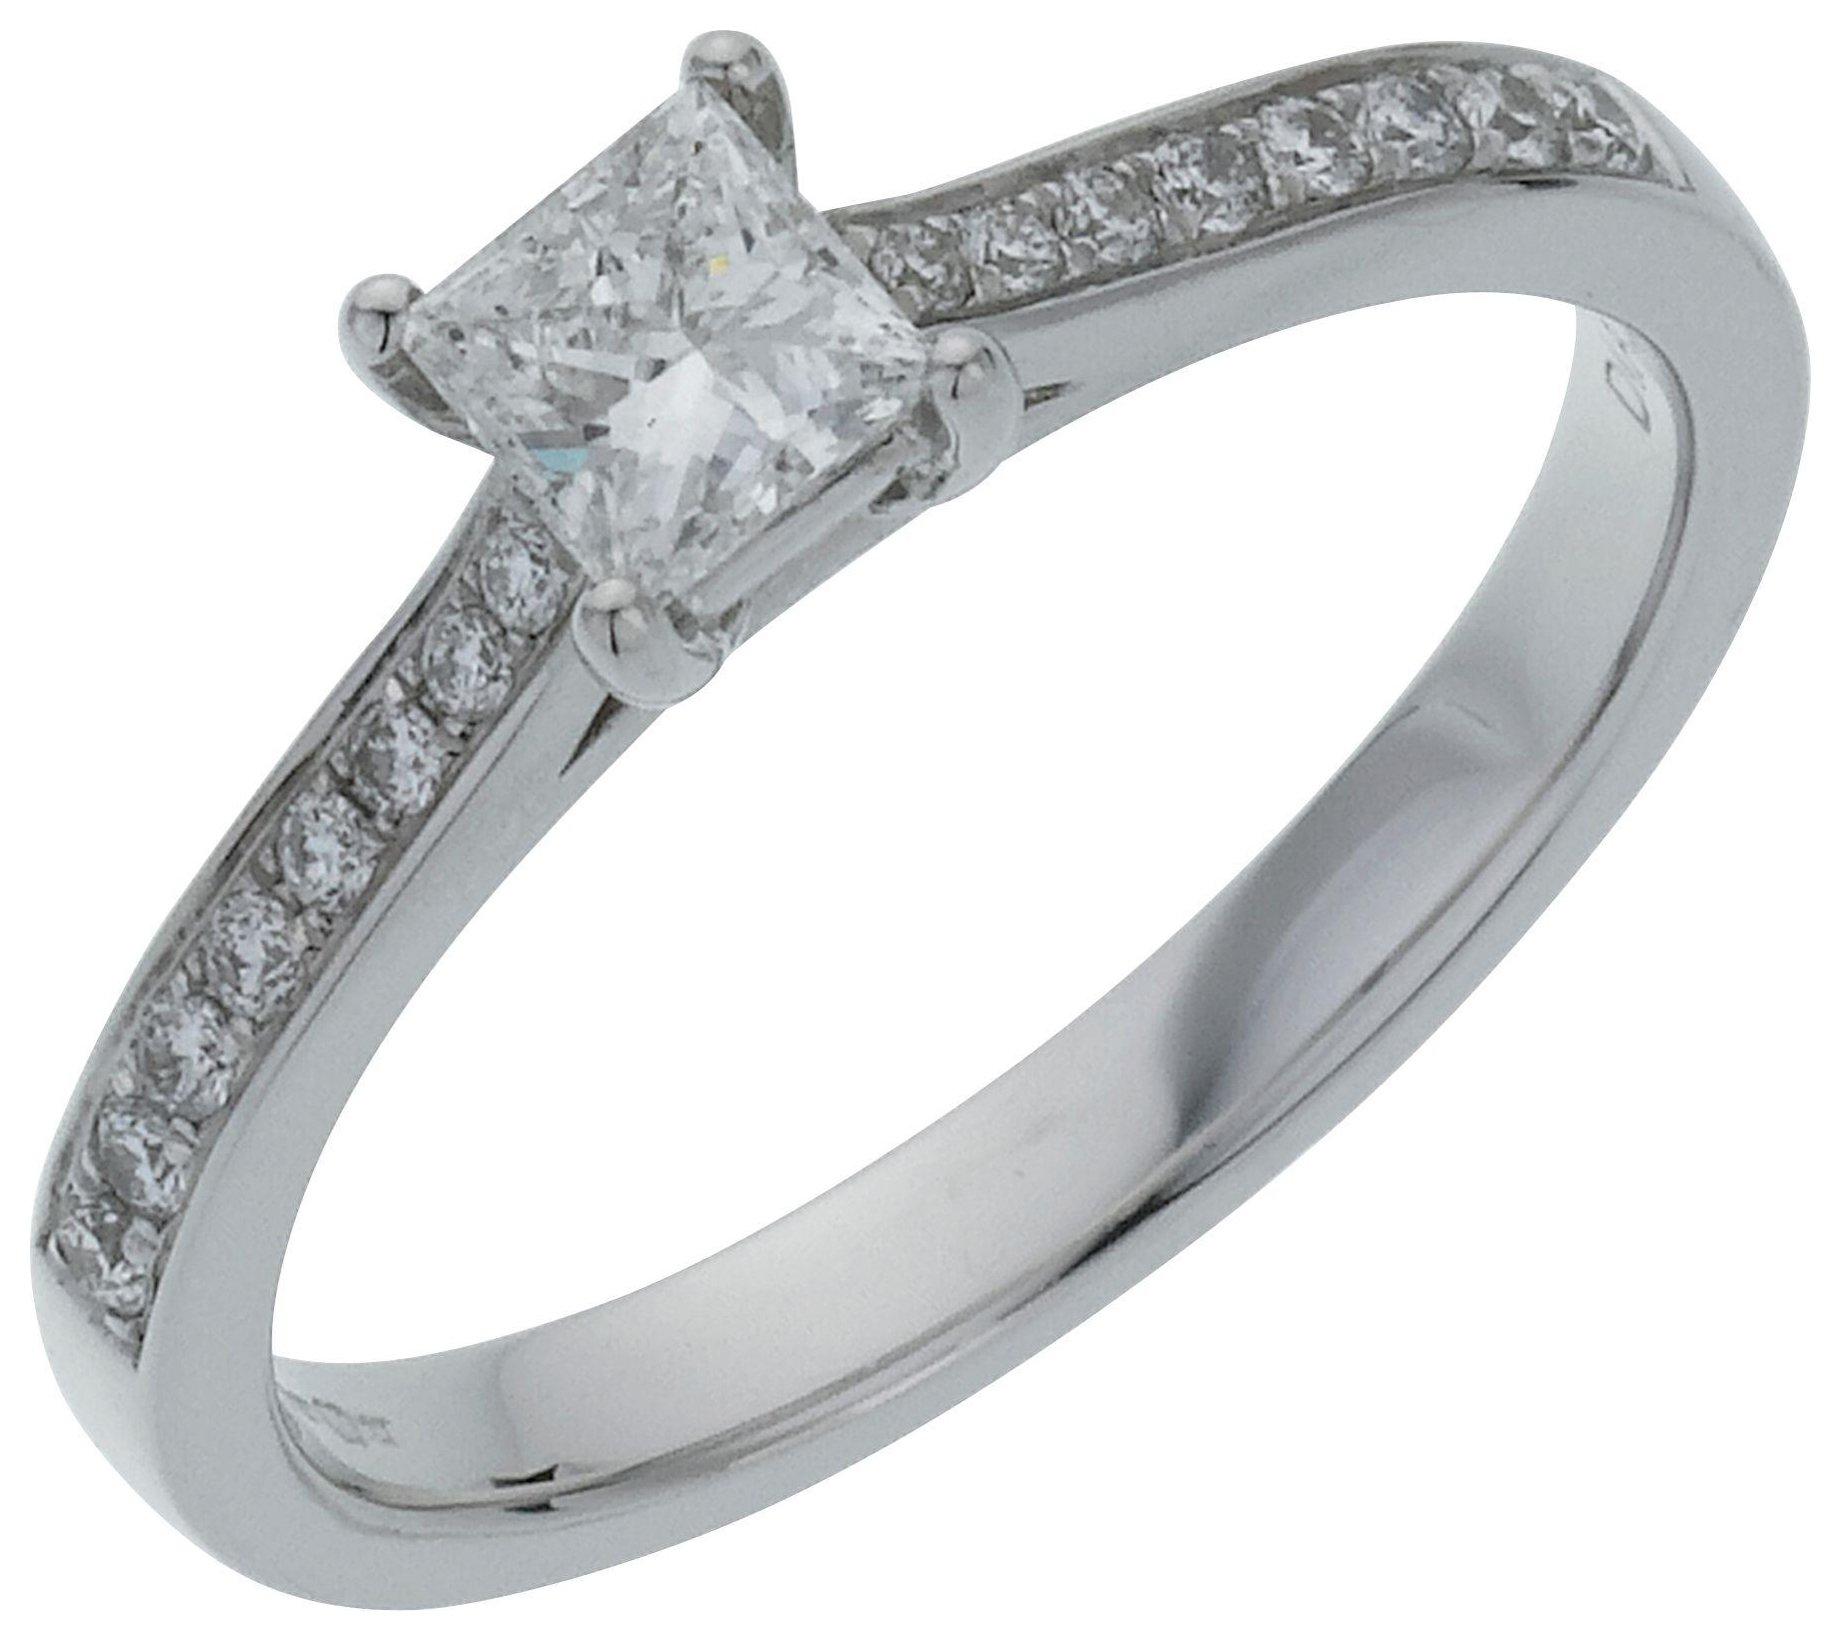 18 Carat White Gold 05 Carat Diamond - Princess Cut Shoulder Ring- W